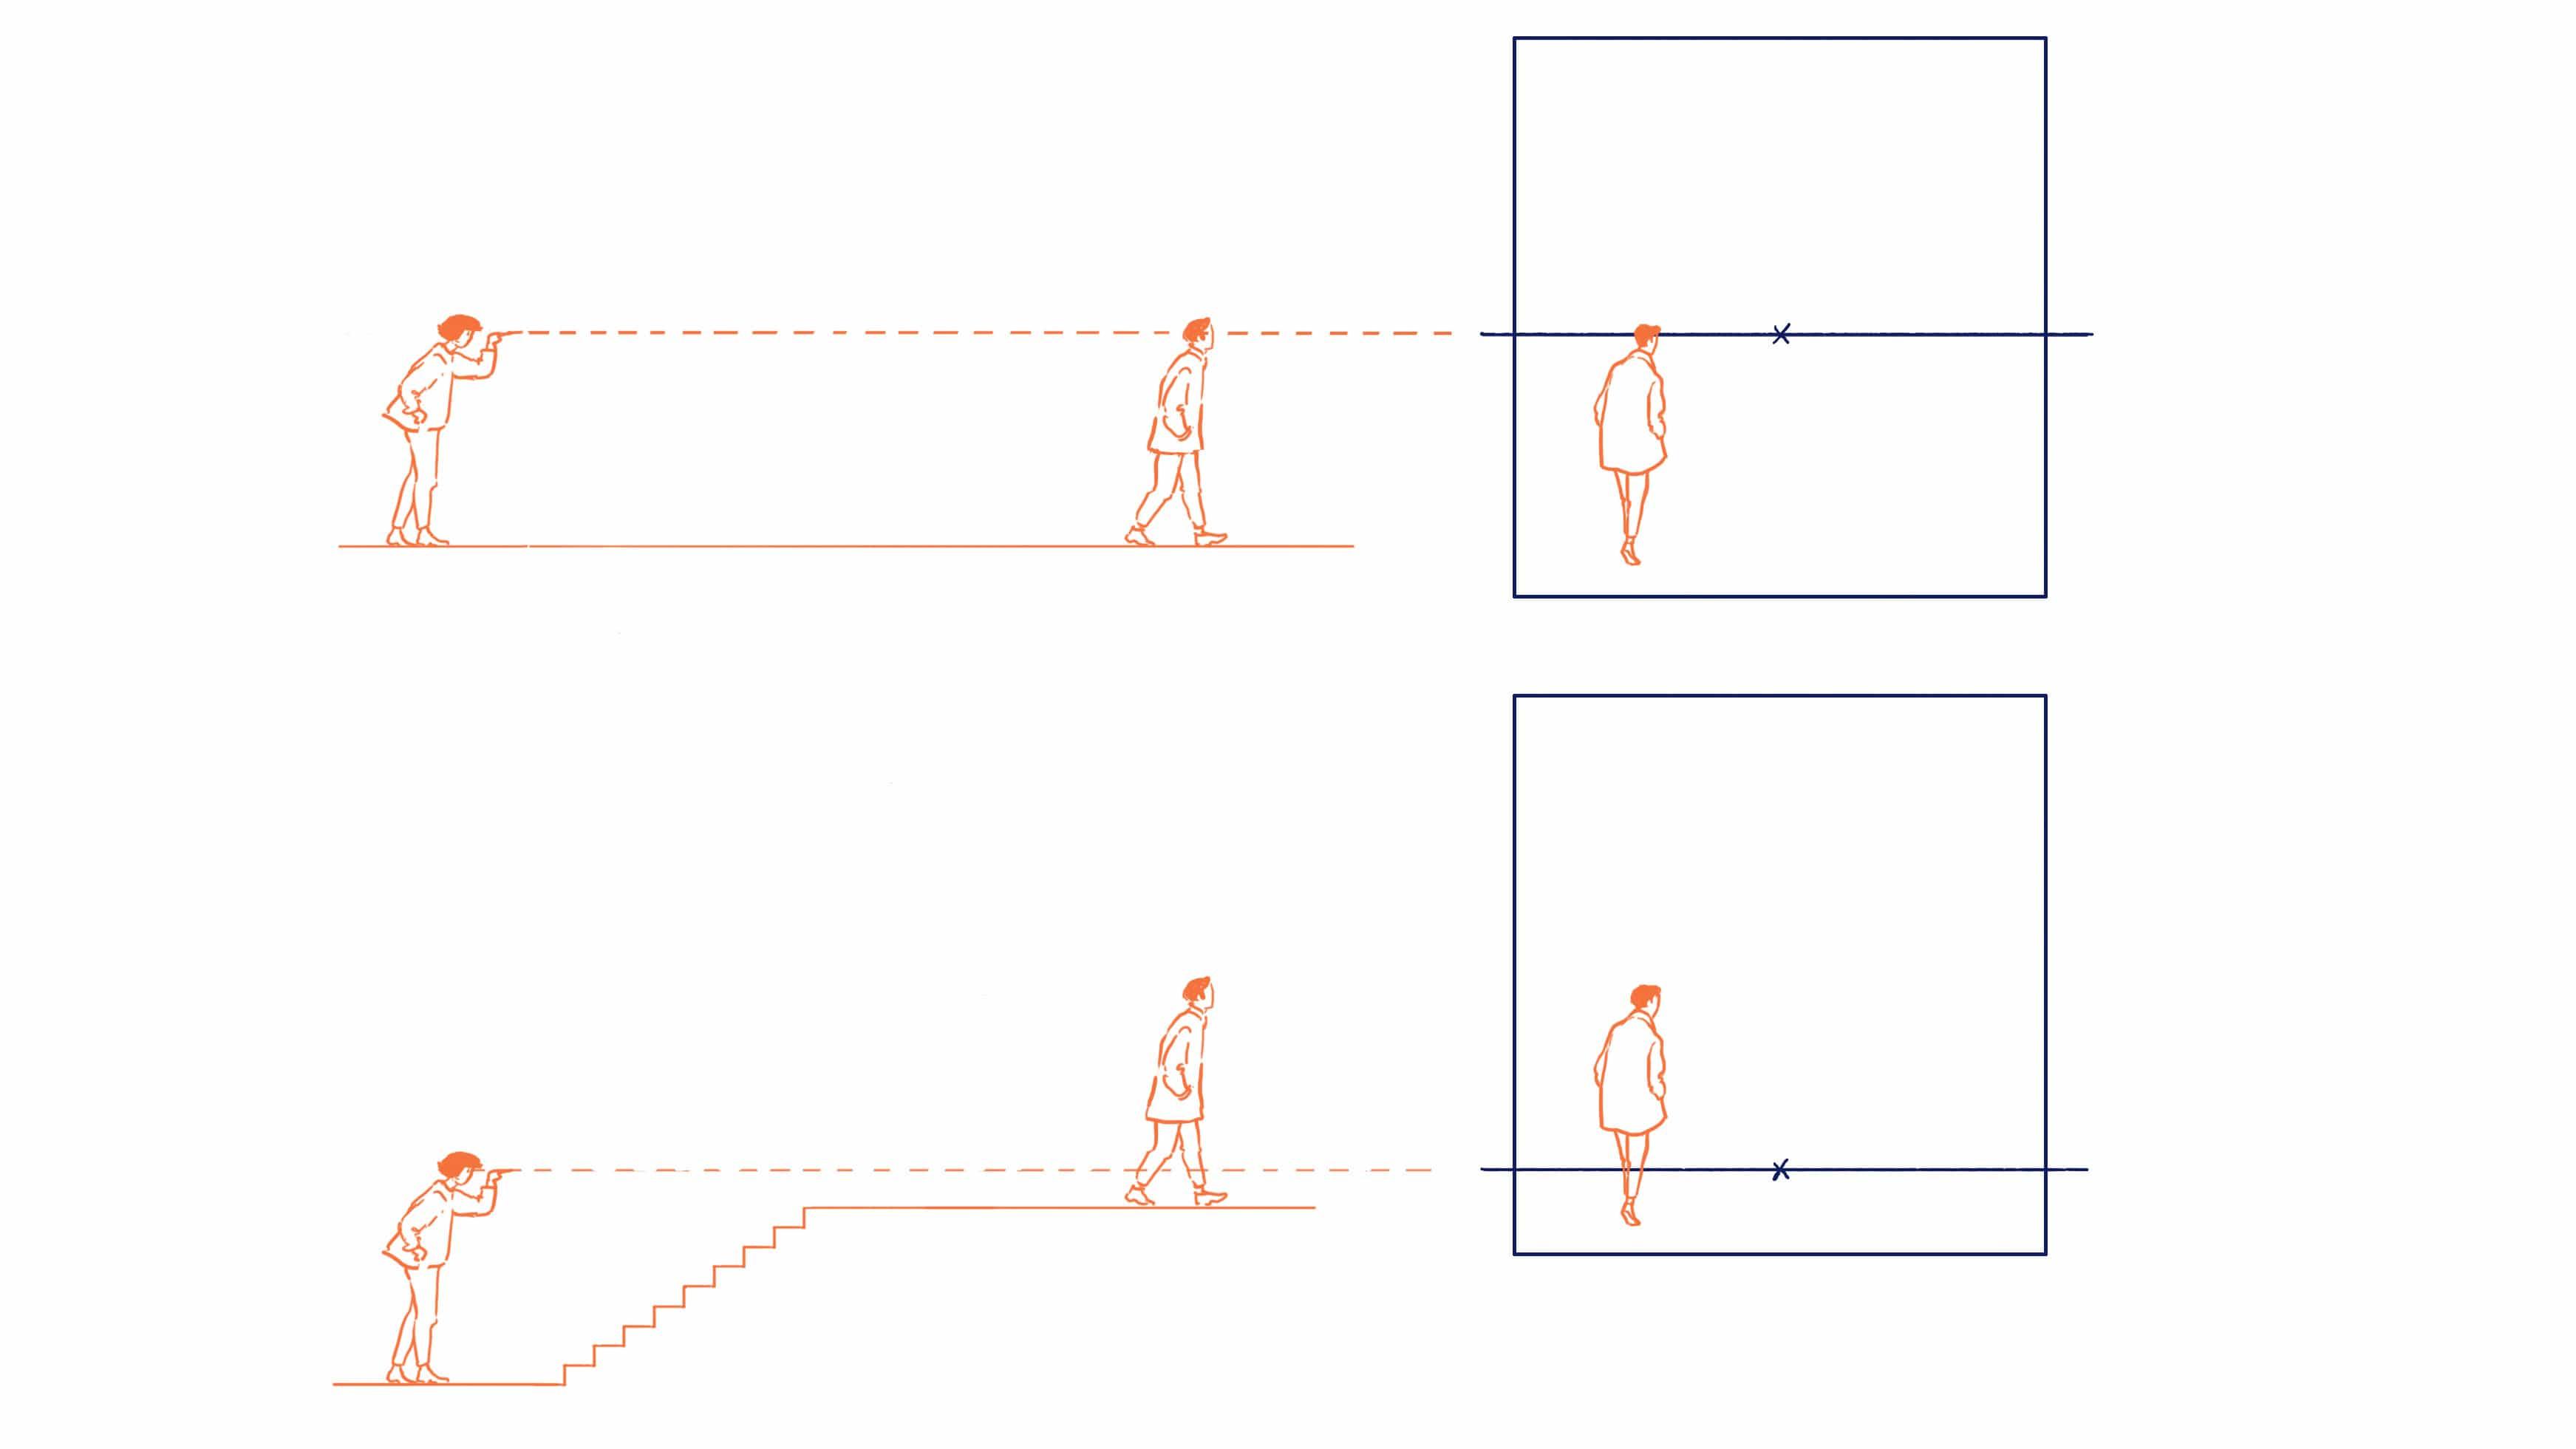 Descubre cómo dibujar la perspectiva tradicional, digital y con la imperfección de vez en cuando.